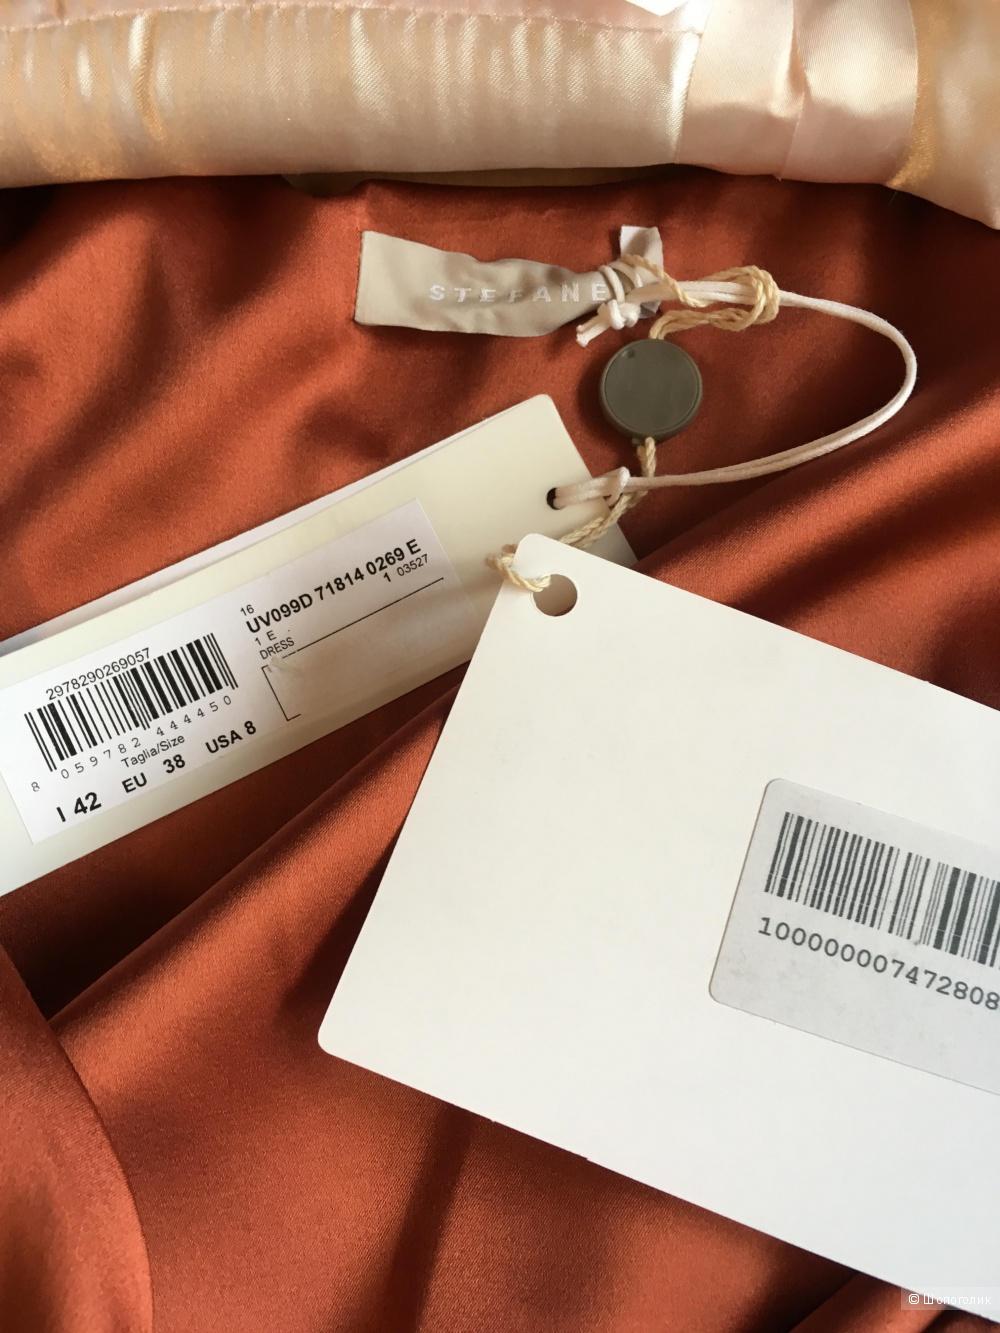 Шелковое платье Stefanel, S, новое с этикетками